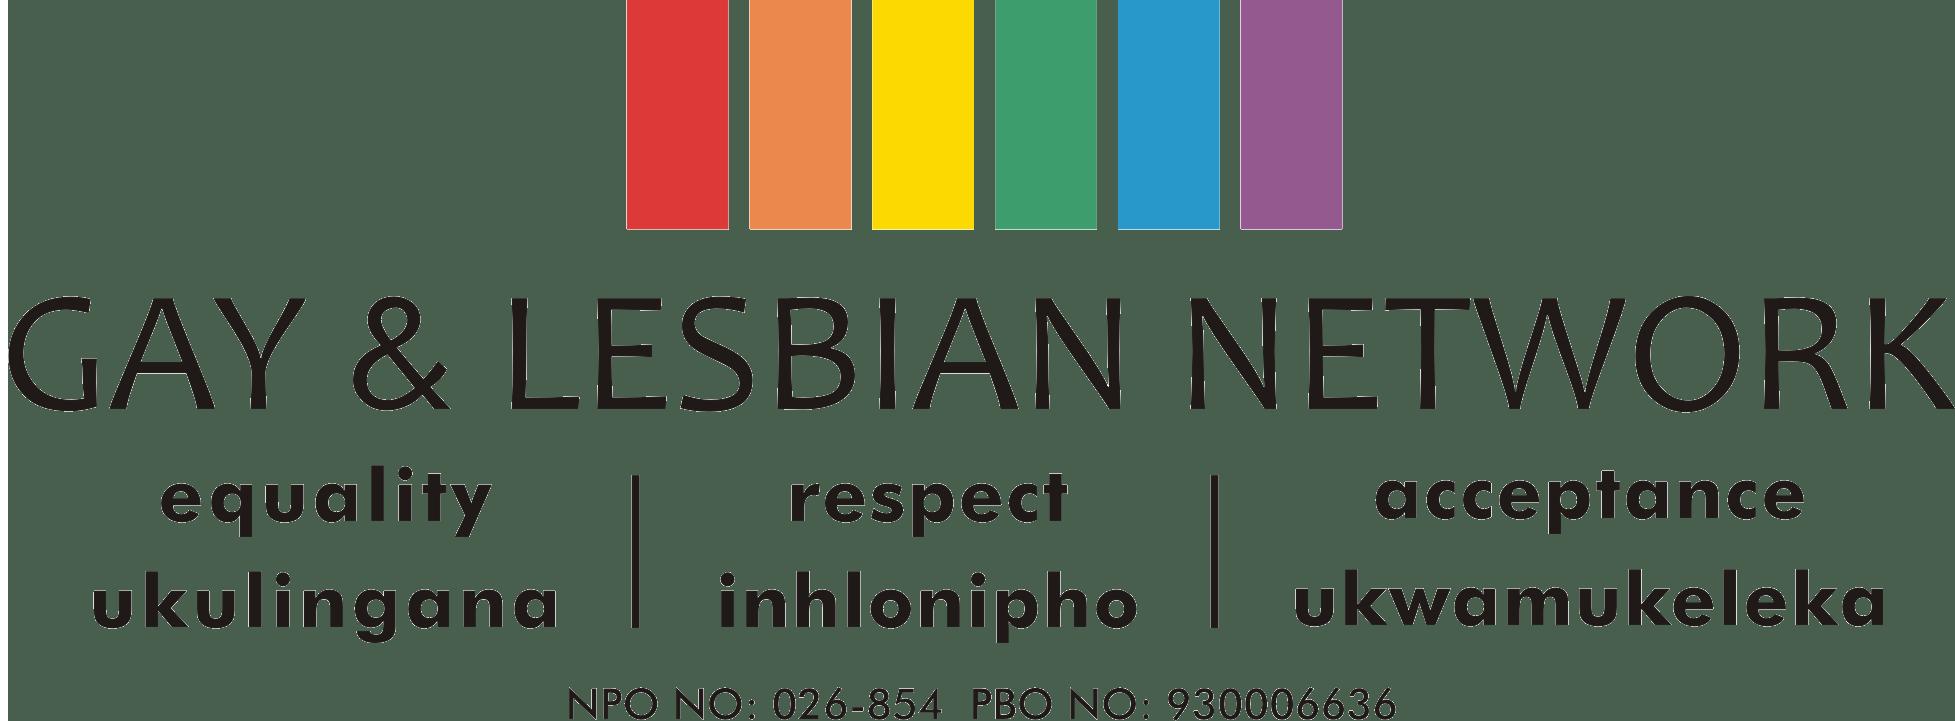 Gay & Lesbian Network